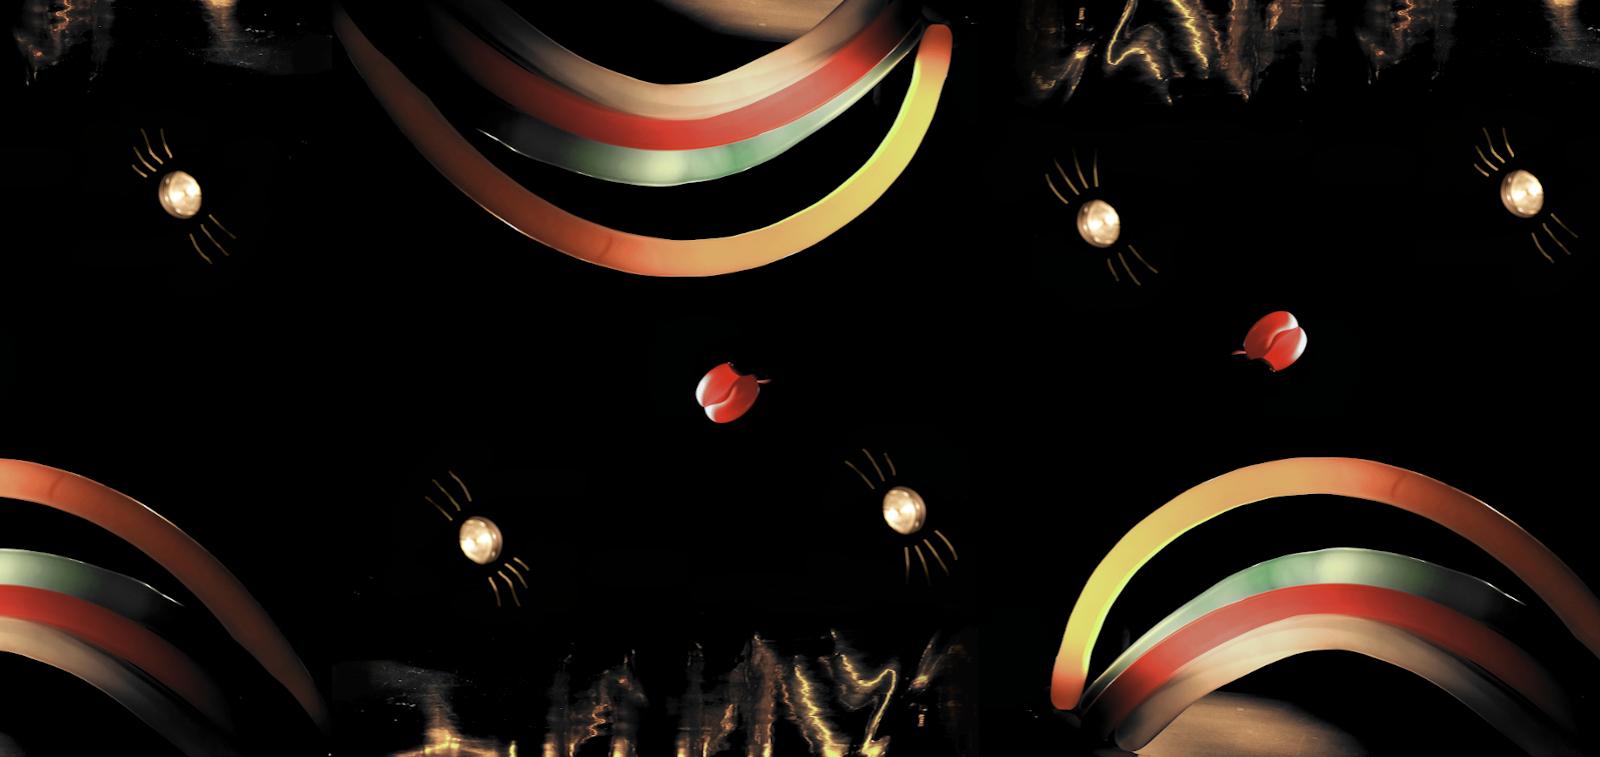 Funny-esityksen kuva, jossa värikkäitä ilmapalloja mustalla taustalla